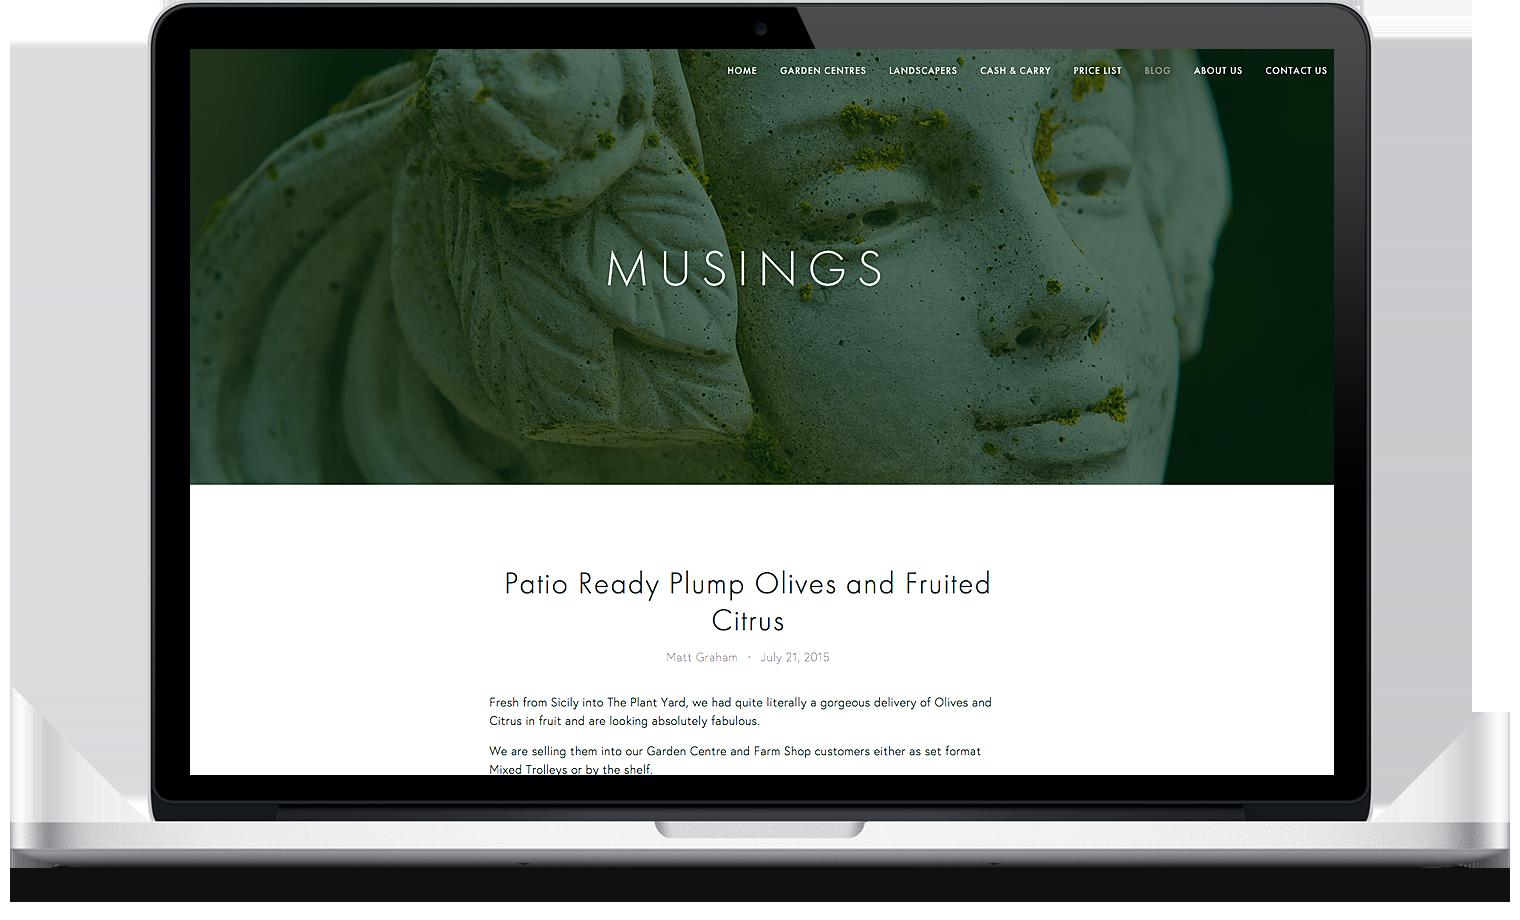 website-design-services-bath-garden-centres-2.png